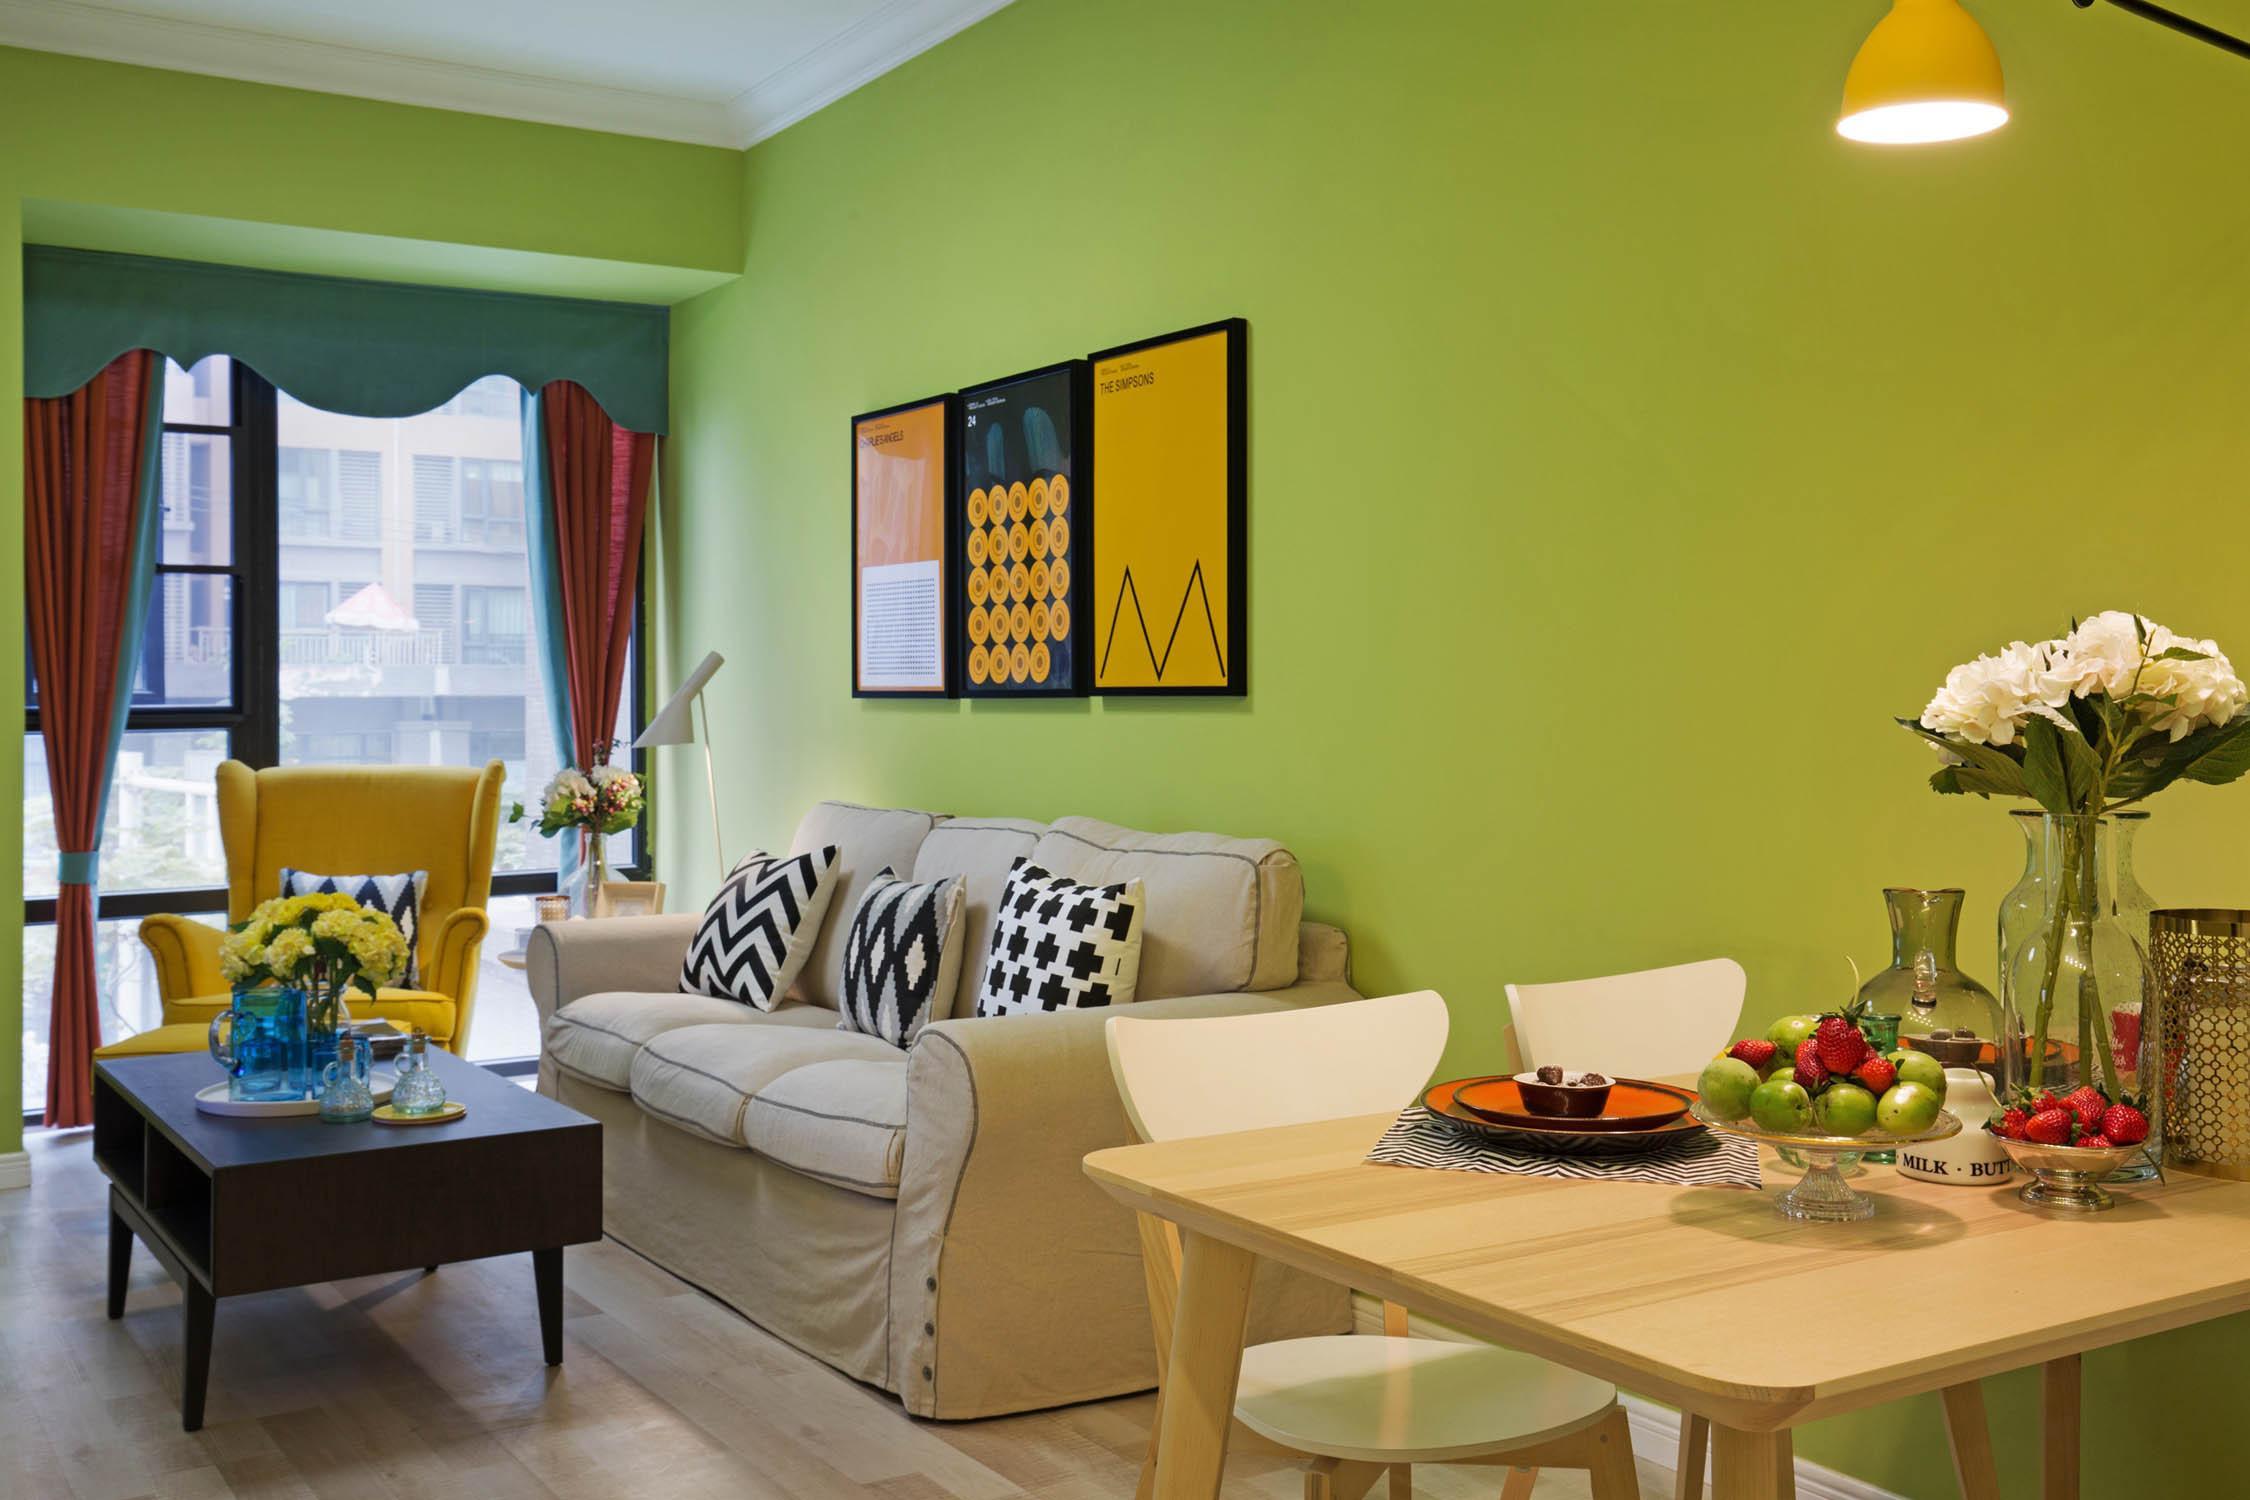 成都软装公司推荐精装房软装中的4组色彩搭配